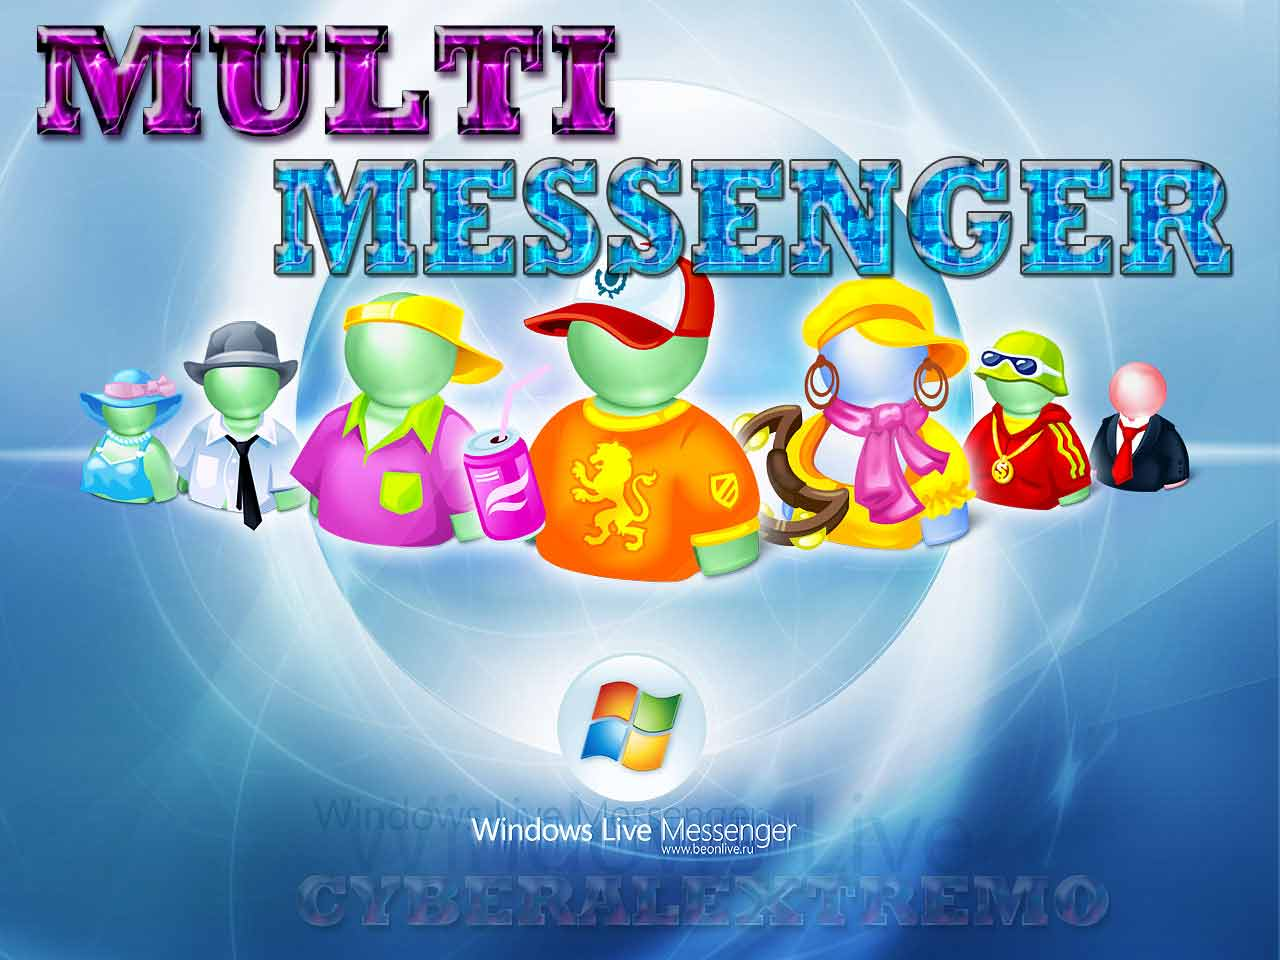 2009 POLYGAMY TÉLÉCHARGER MESSENGER MSN